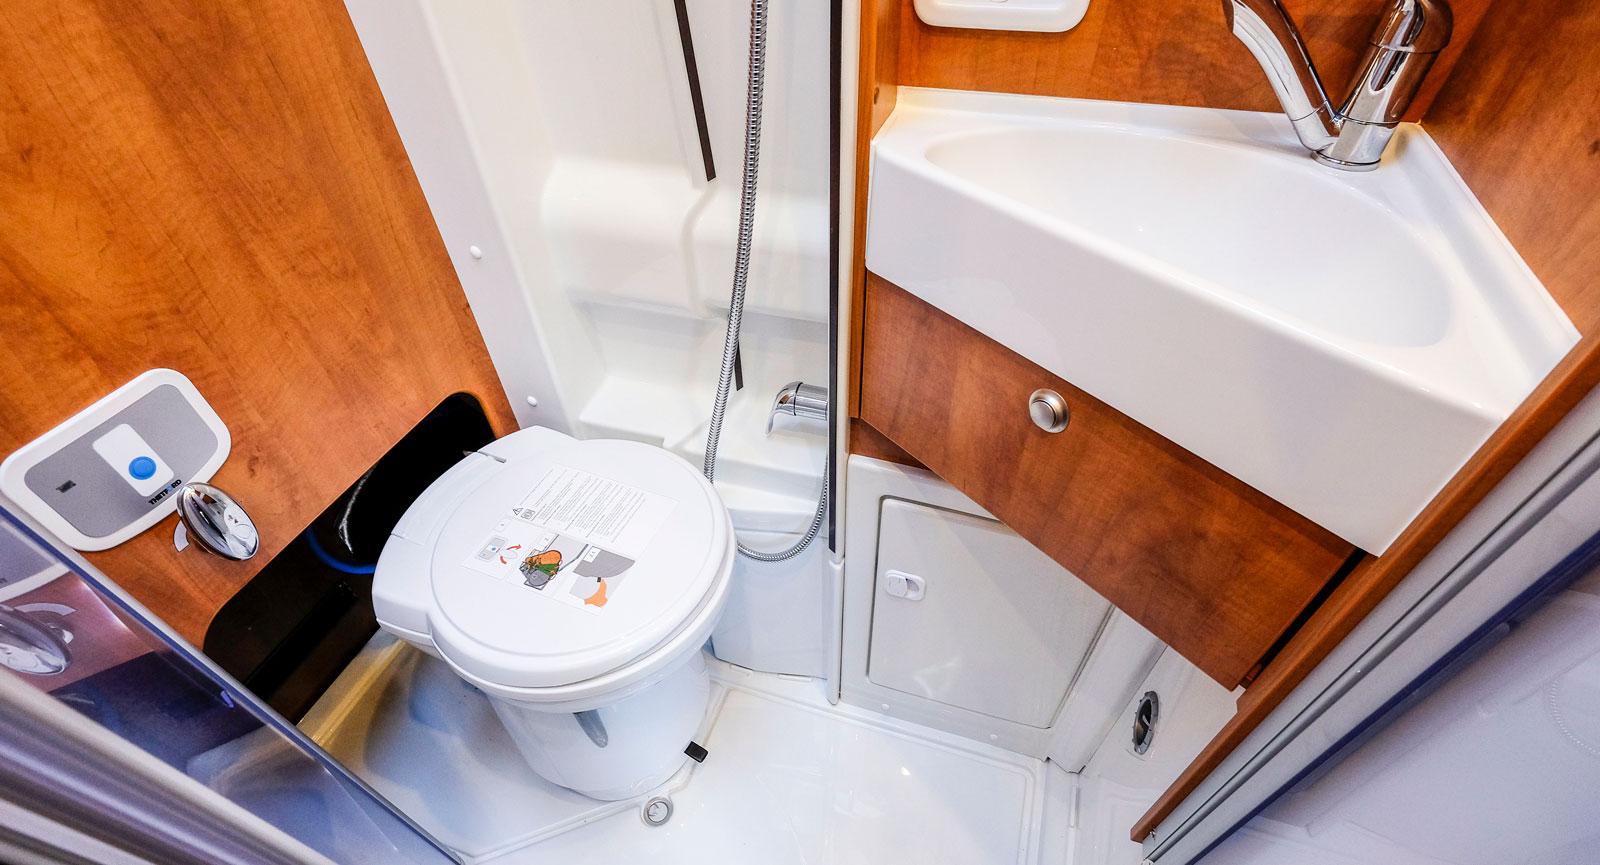 Toalettstolen kan skjutas in i en öppning i väggen.